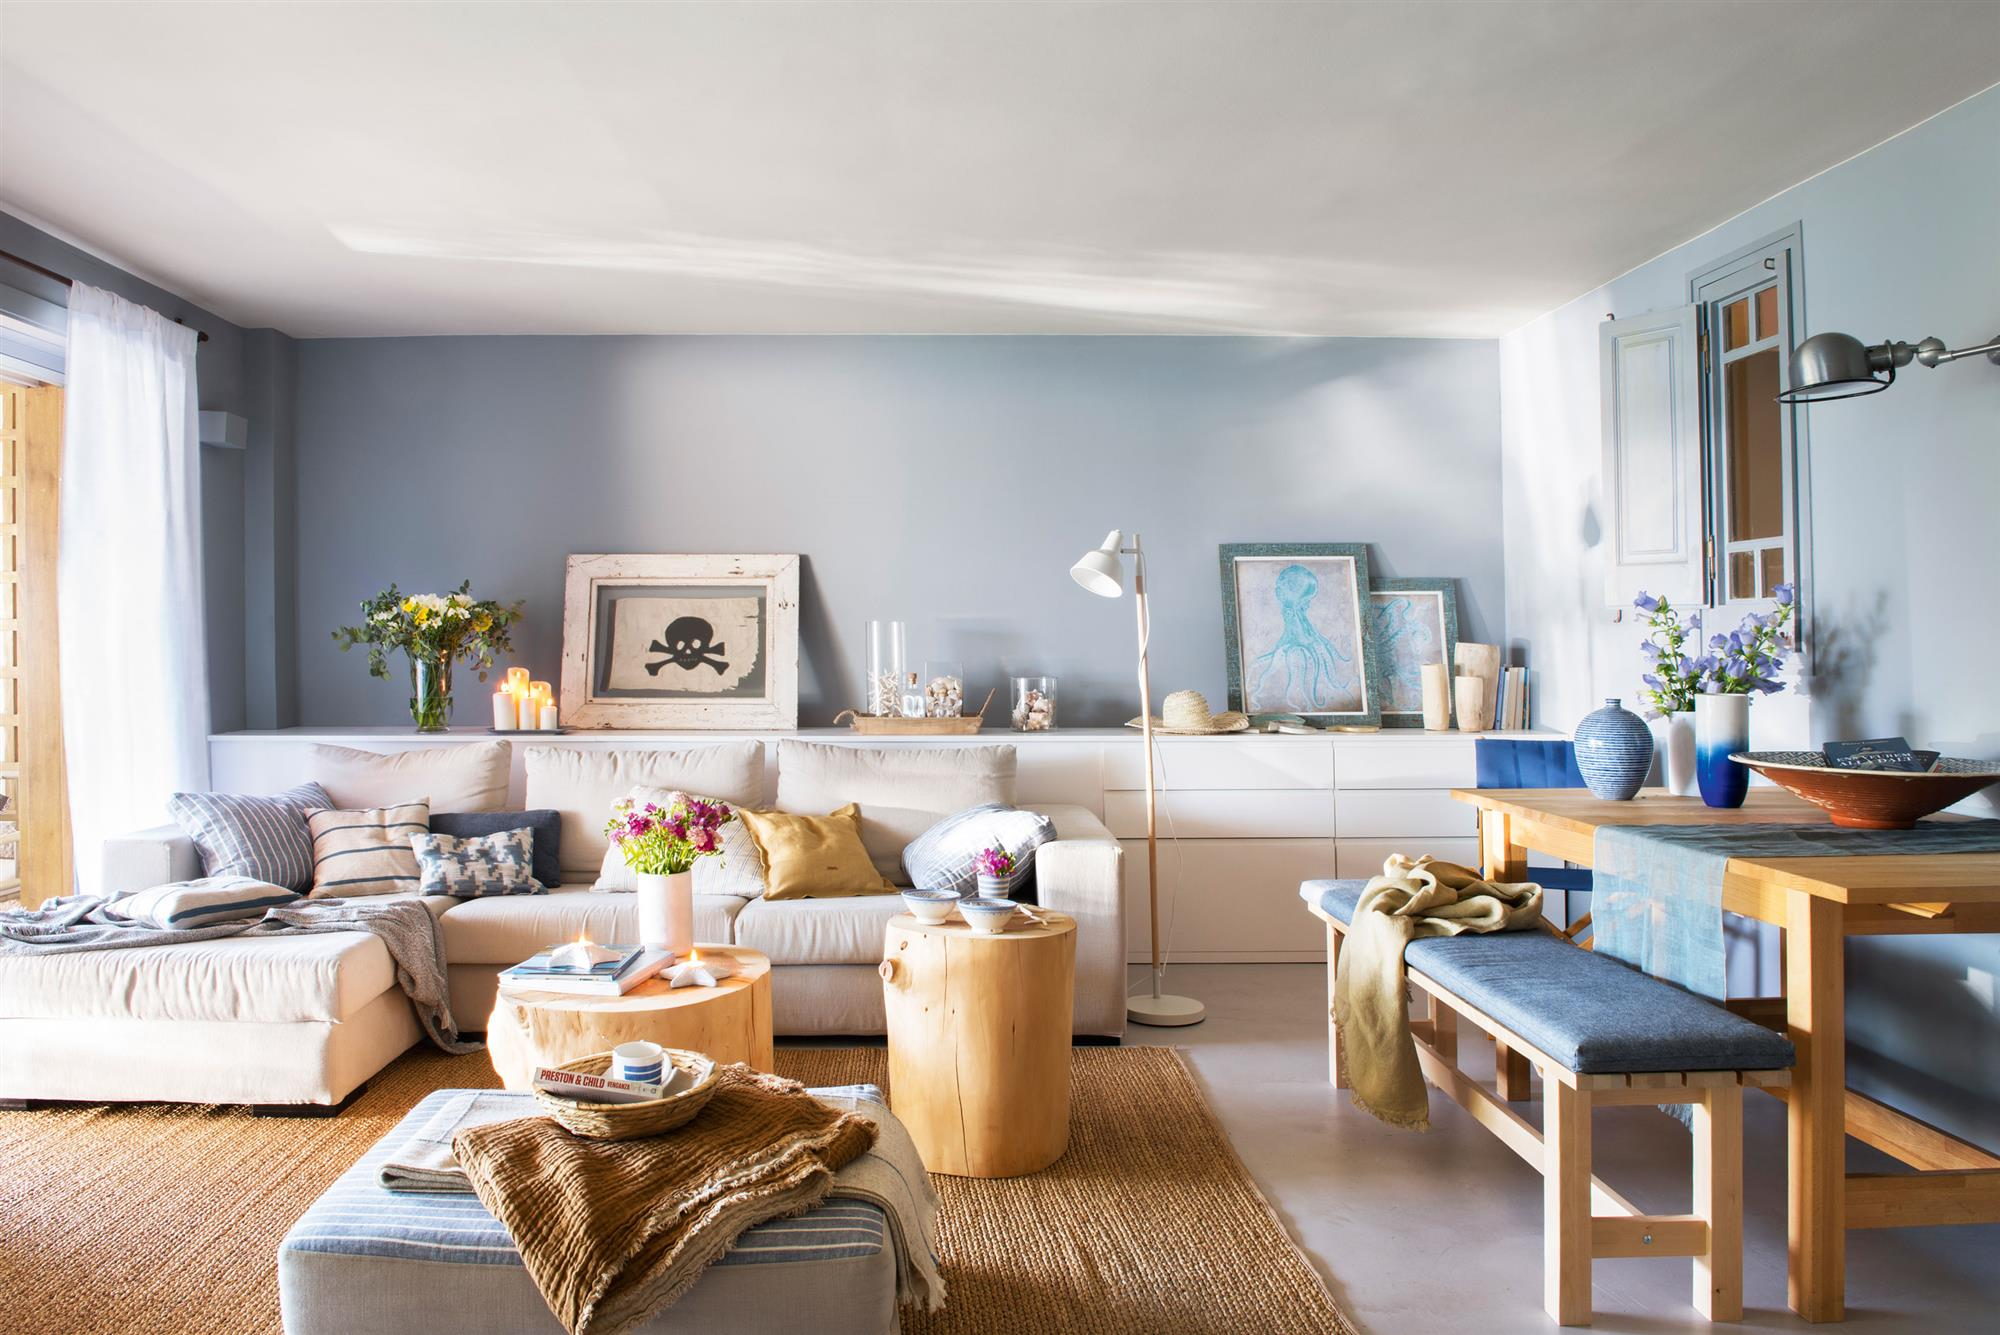 C mo decorar tu primer piso - Los mejores ambientadores para el hogar ...